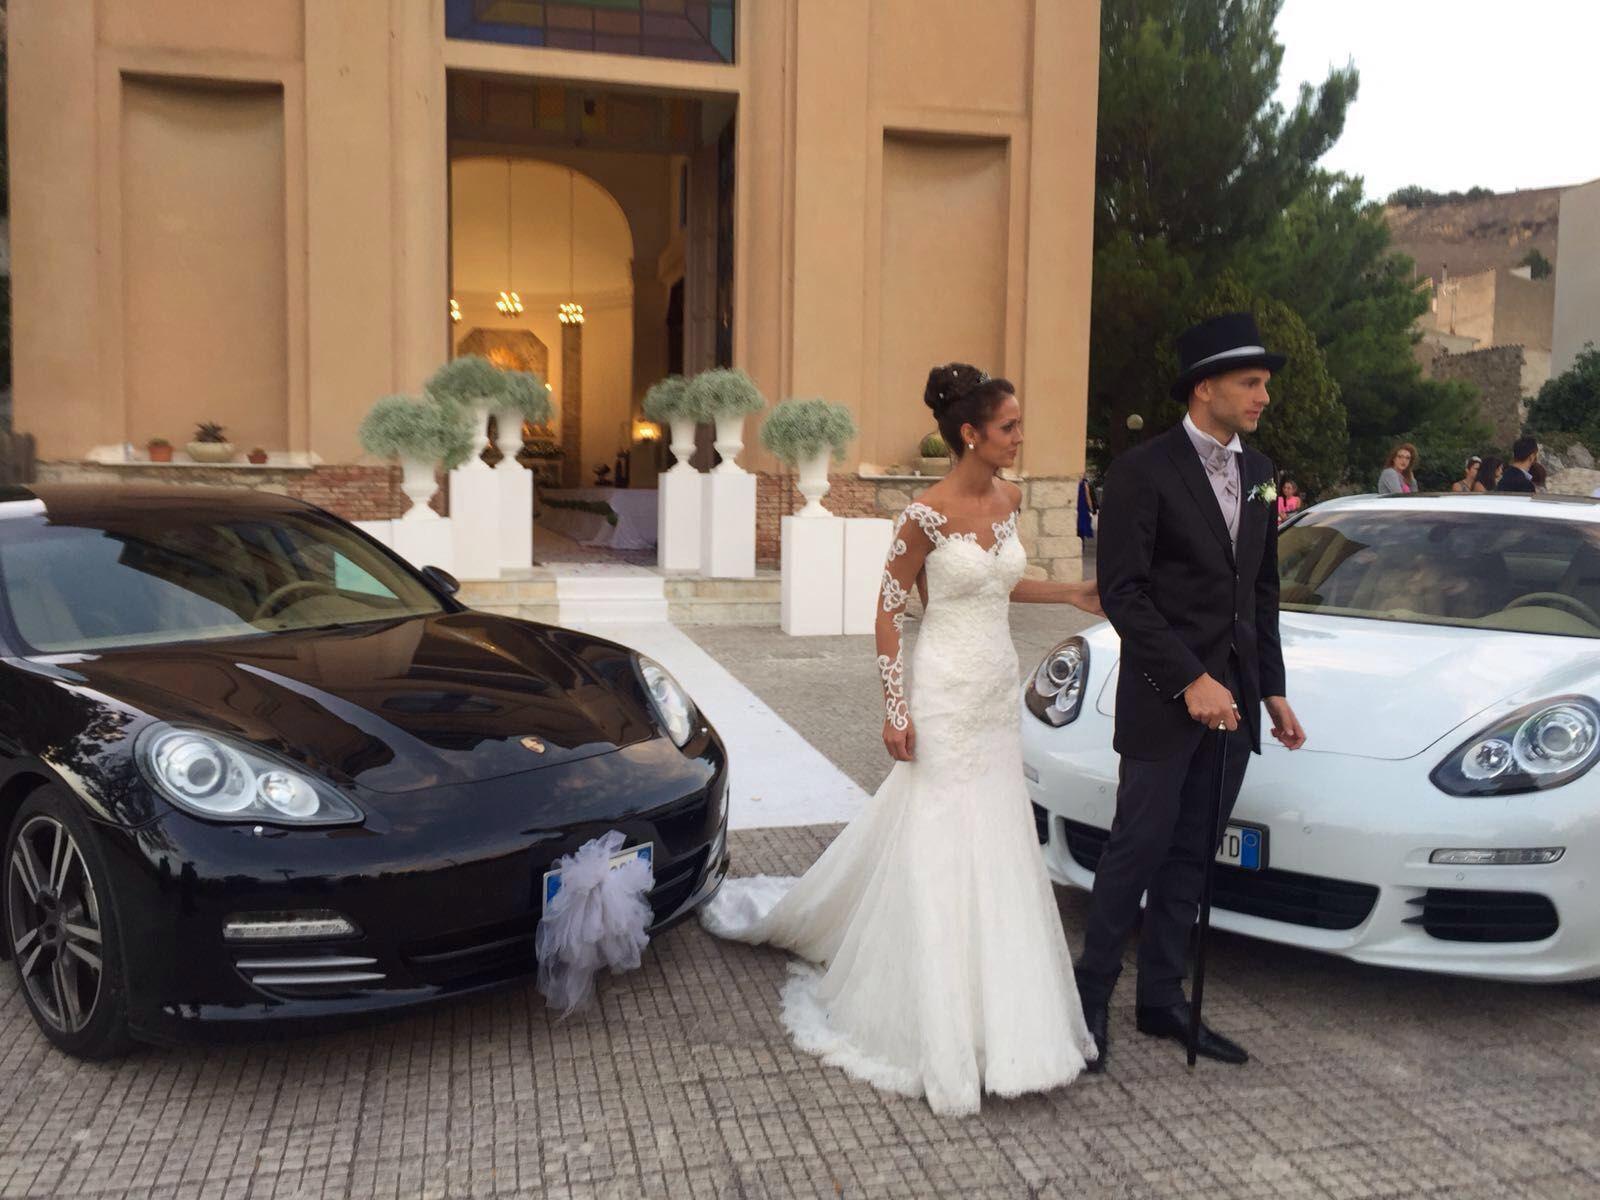 Matrimonio Uomini E Donne : Teresa e salvatore di uomini donne per il loro